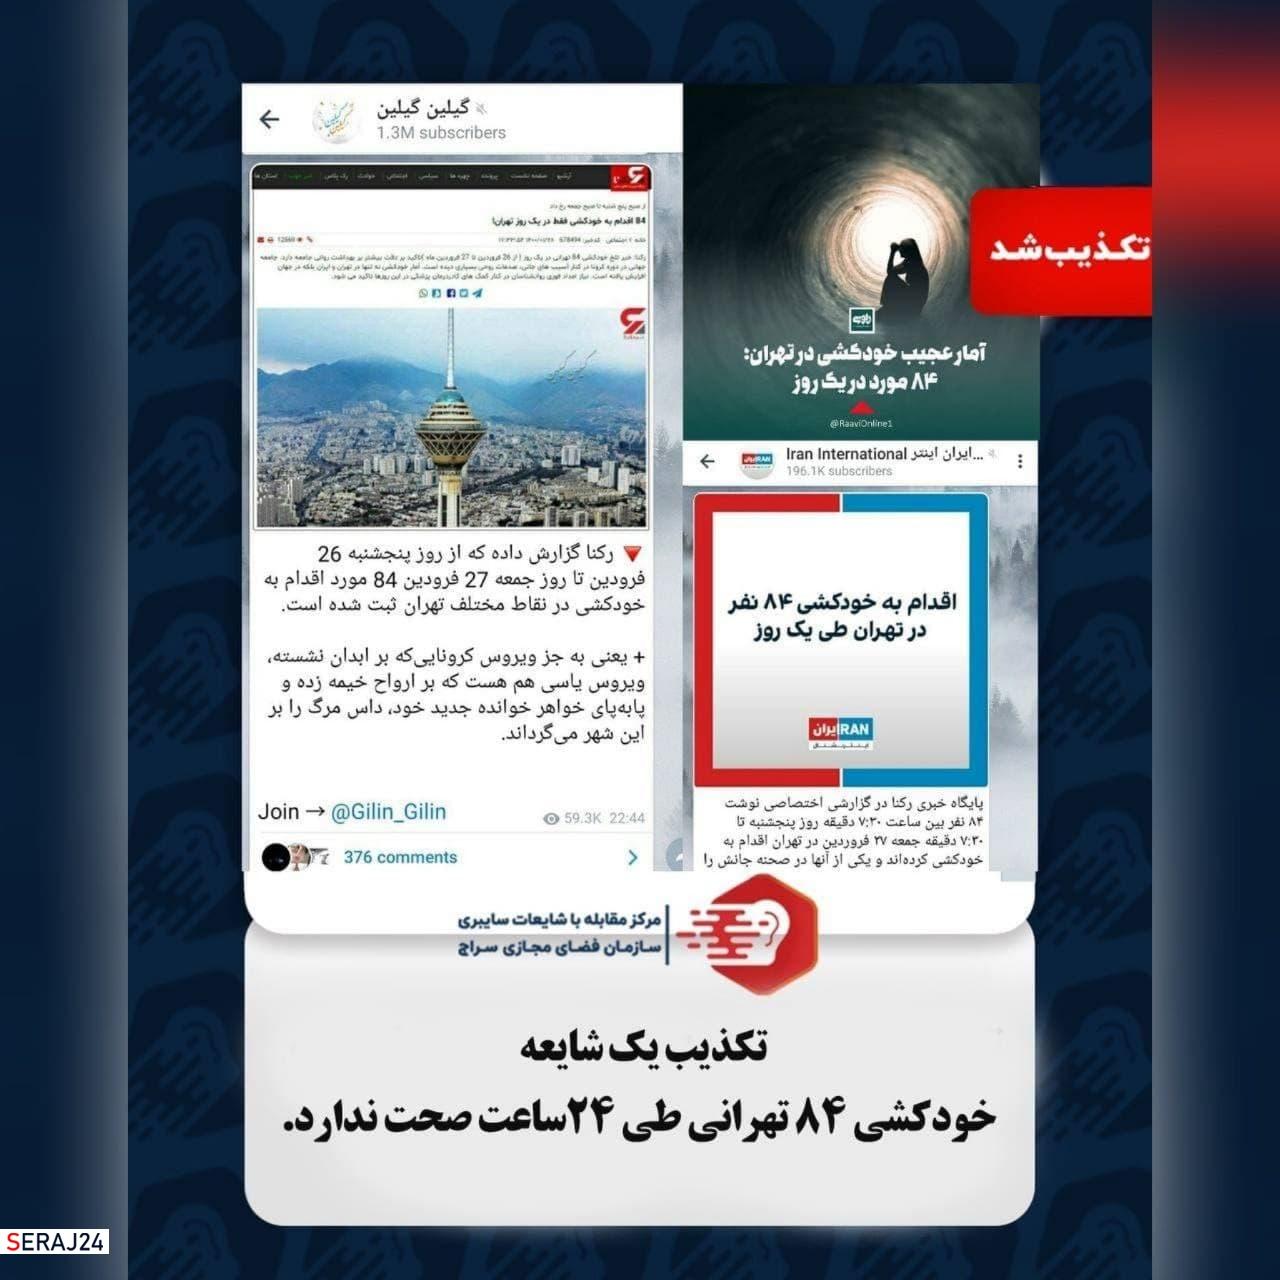 خودکشی ۸۴ تهرانی طی ۲۴ ساعت صحت ندارد